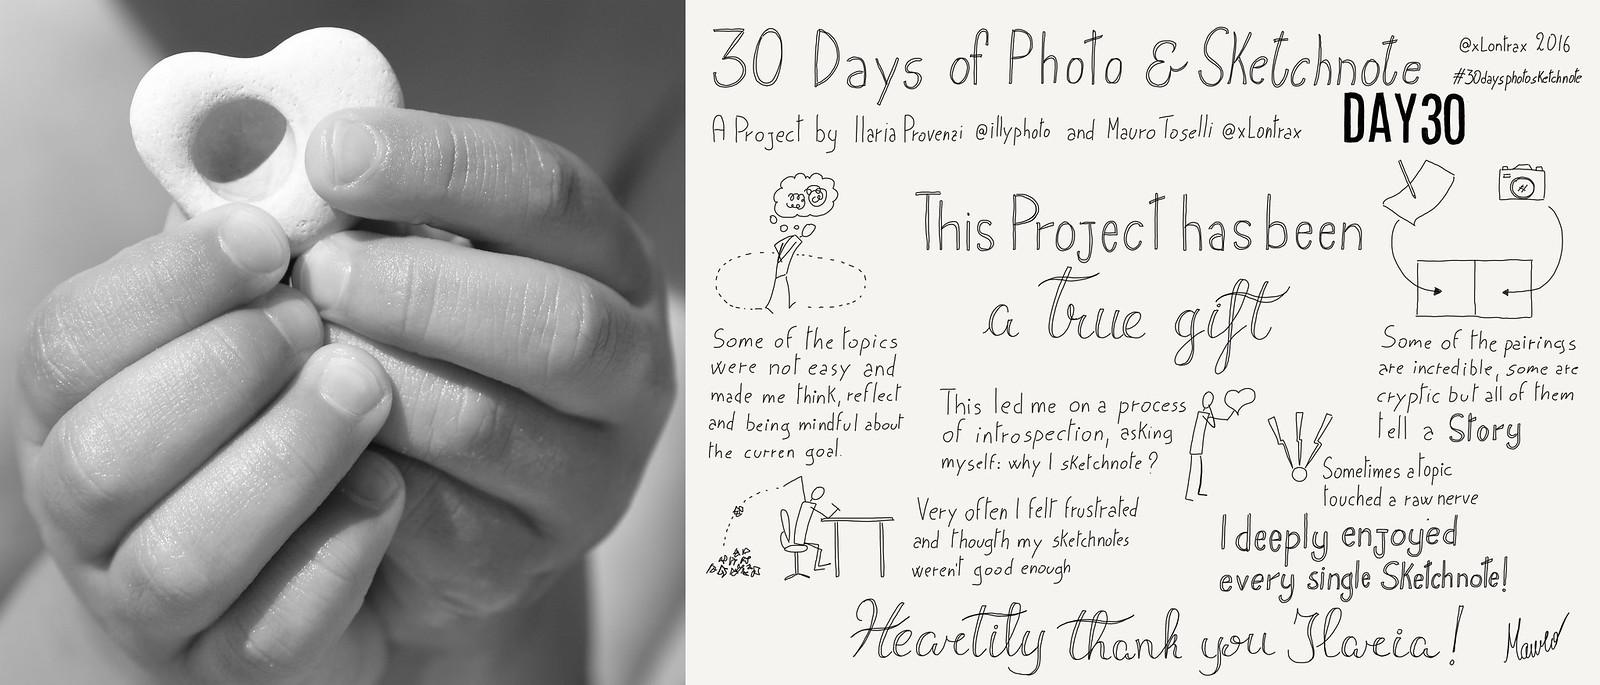 Day 30. Questo progetto è stato... - This project has been...